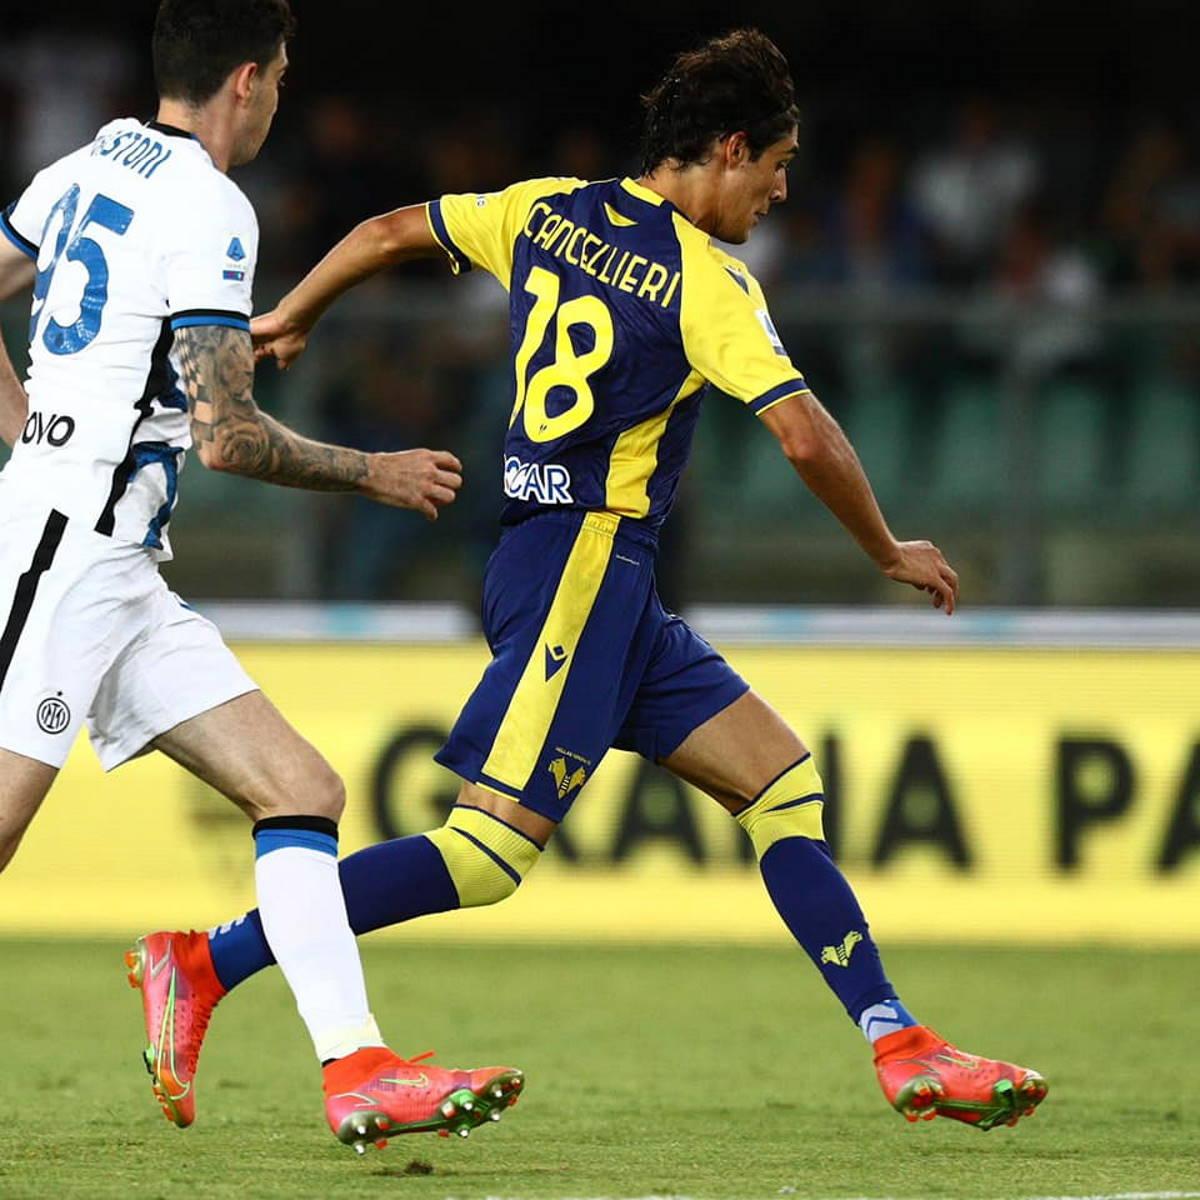 Il Verona si illude ma l'Inter esce dal Bentegodi a punteggio pieno sconfiggendo 3-1 gli scaligeri